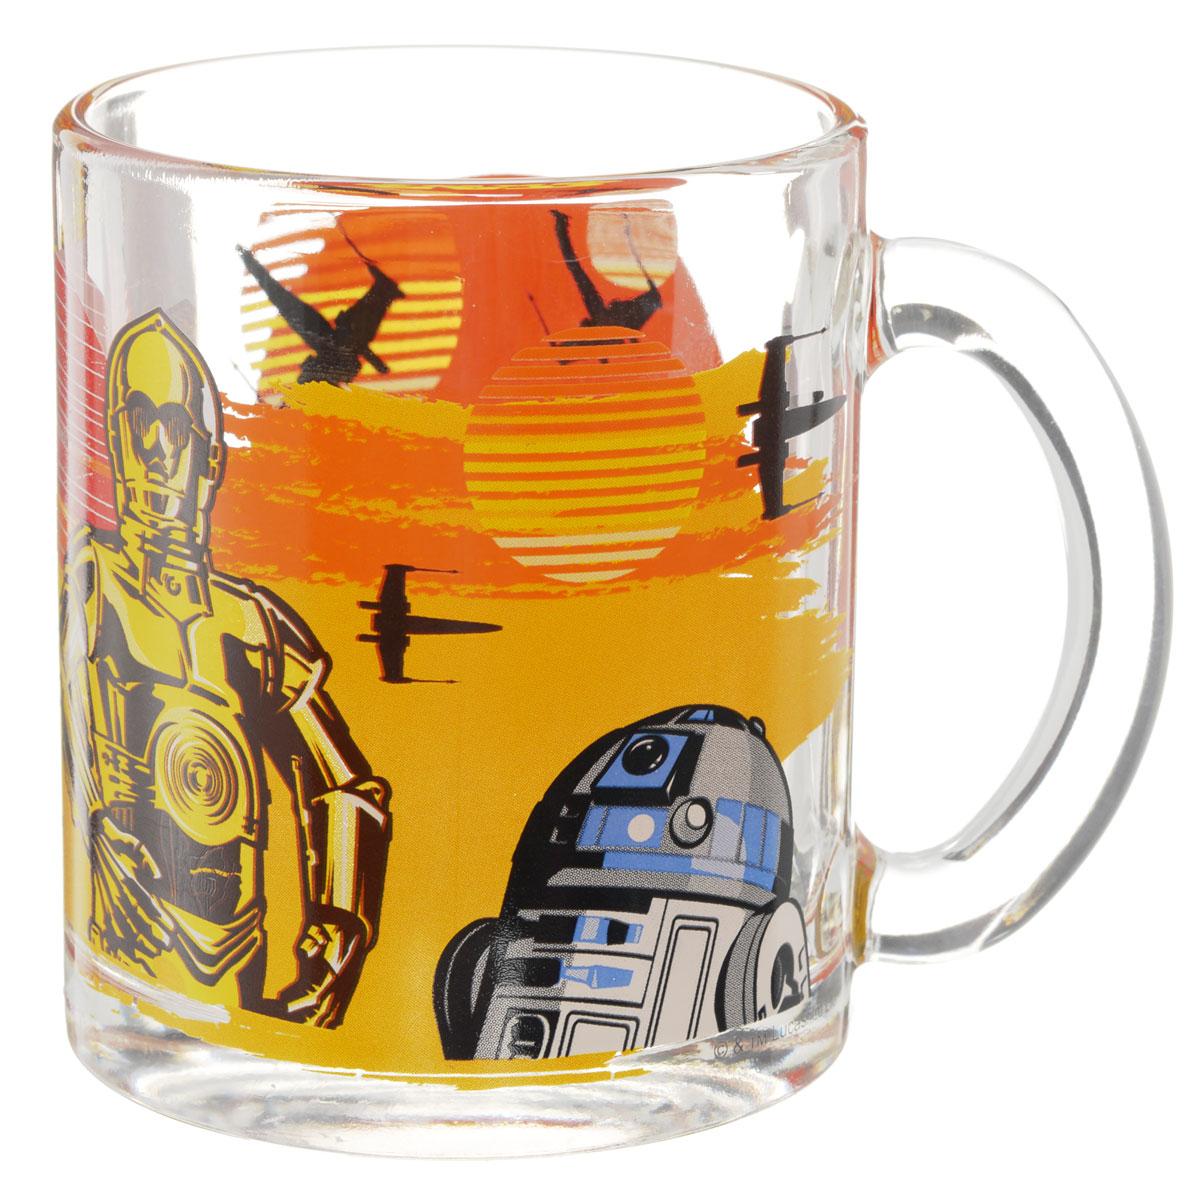 Star Wars Кружка детская Роботы 300 млSWG0103Детская кружка Star Wars Роботы с любимыми героями станет отличным подарком для вашего ребенка. Она выполнена из стекла и оформлена изображением героев киновселенной Звездные войны. Кружка дополнена удобной ручкой. Такой подарок станет не только приятным, но и практичным сувениром: кружка будет незаменимым атрибутом чаепития, а оригинальное оформление кружки добавит ярких эмоций и хорошего настроения.Можно использовать в посудомоечной машине.